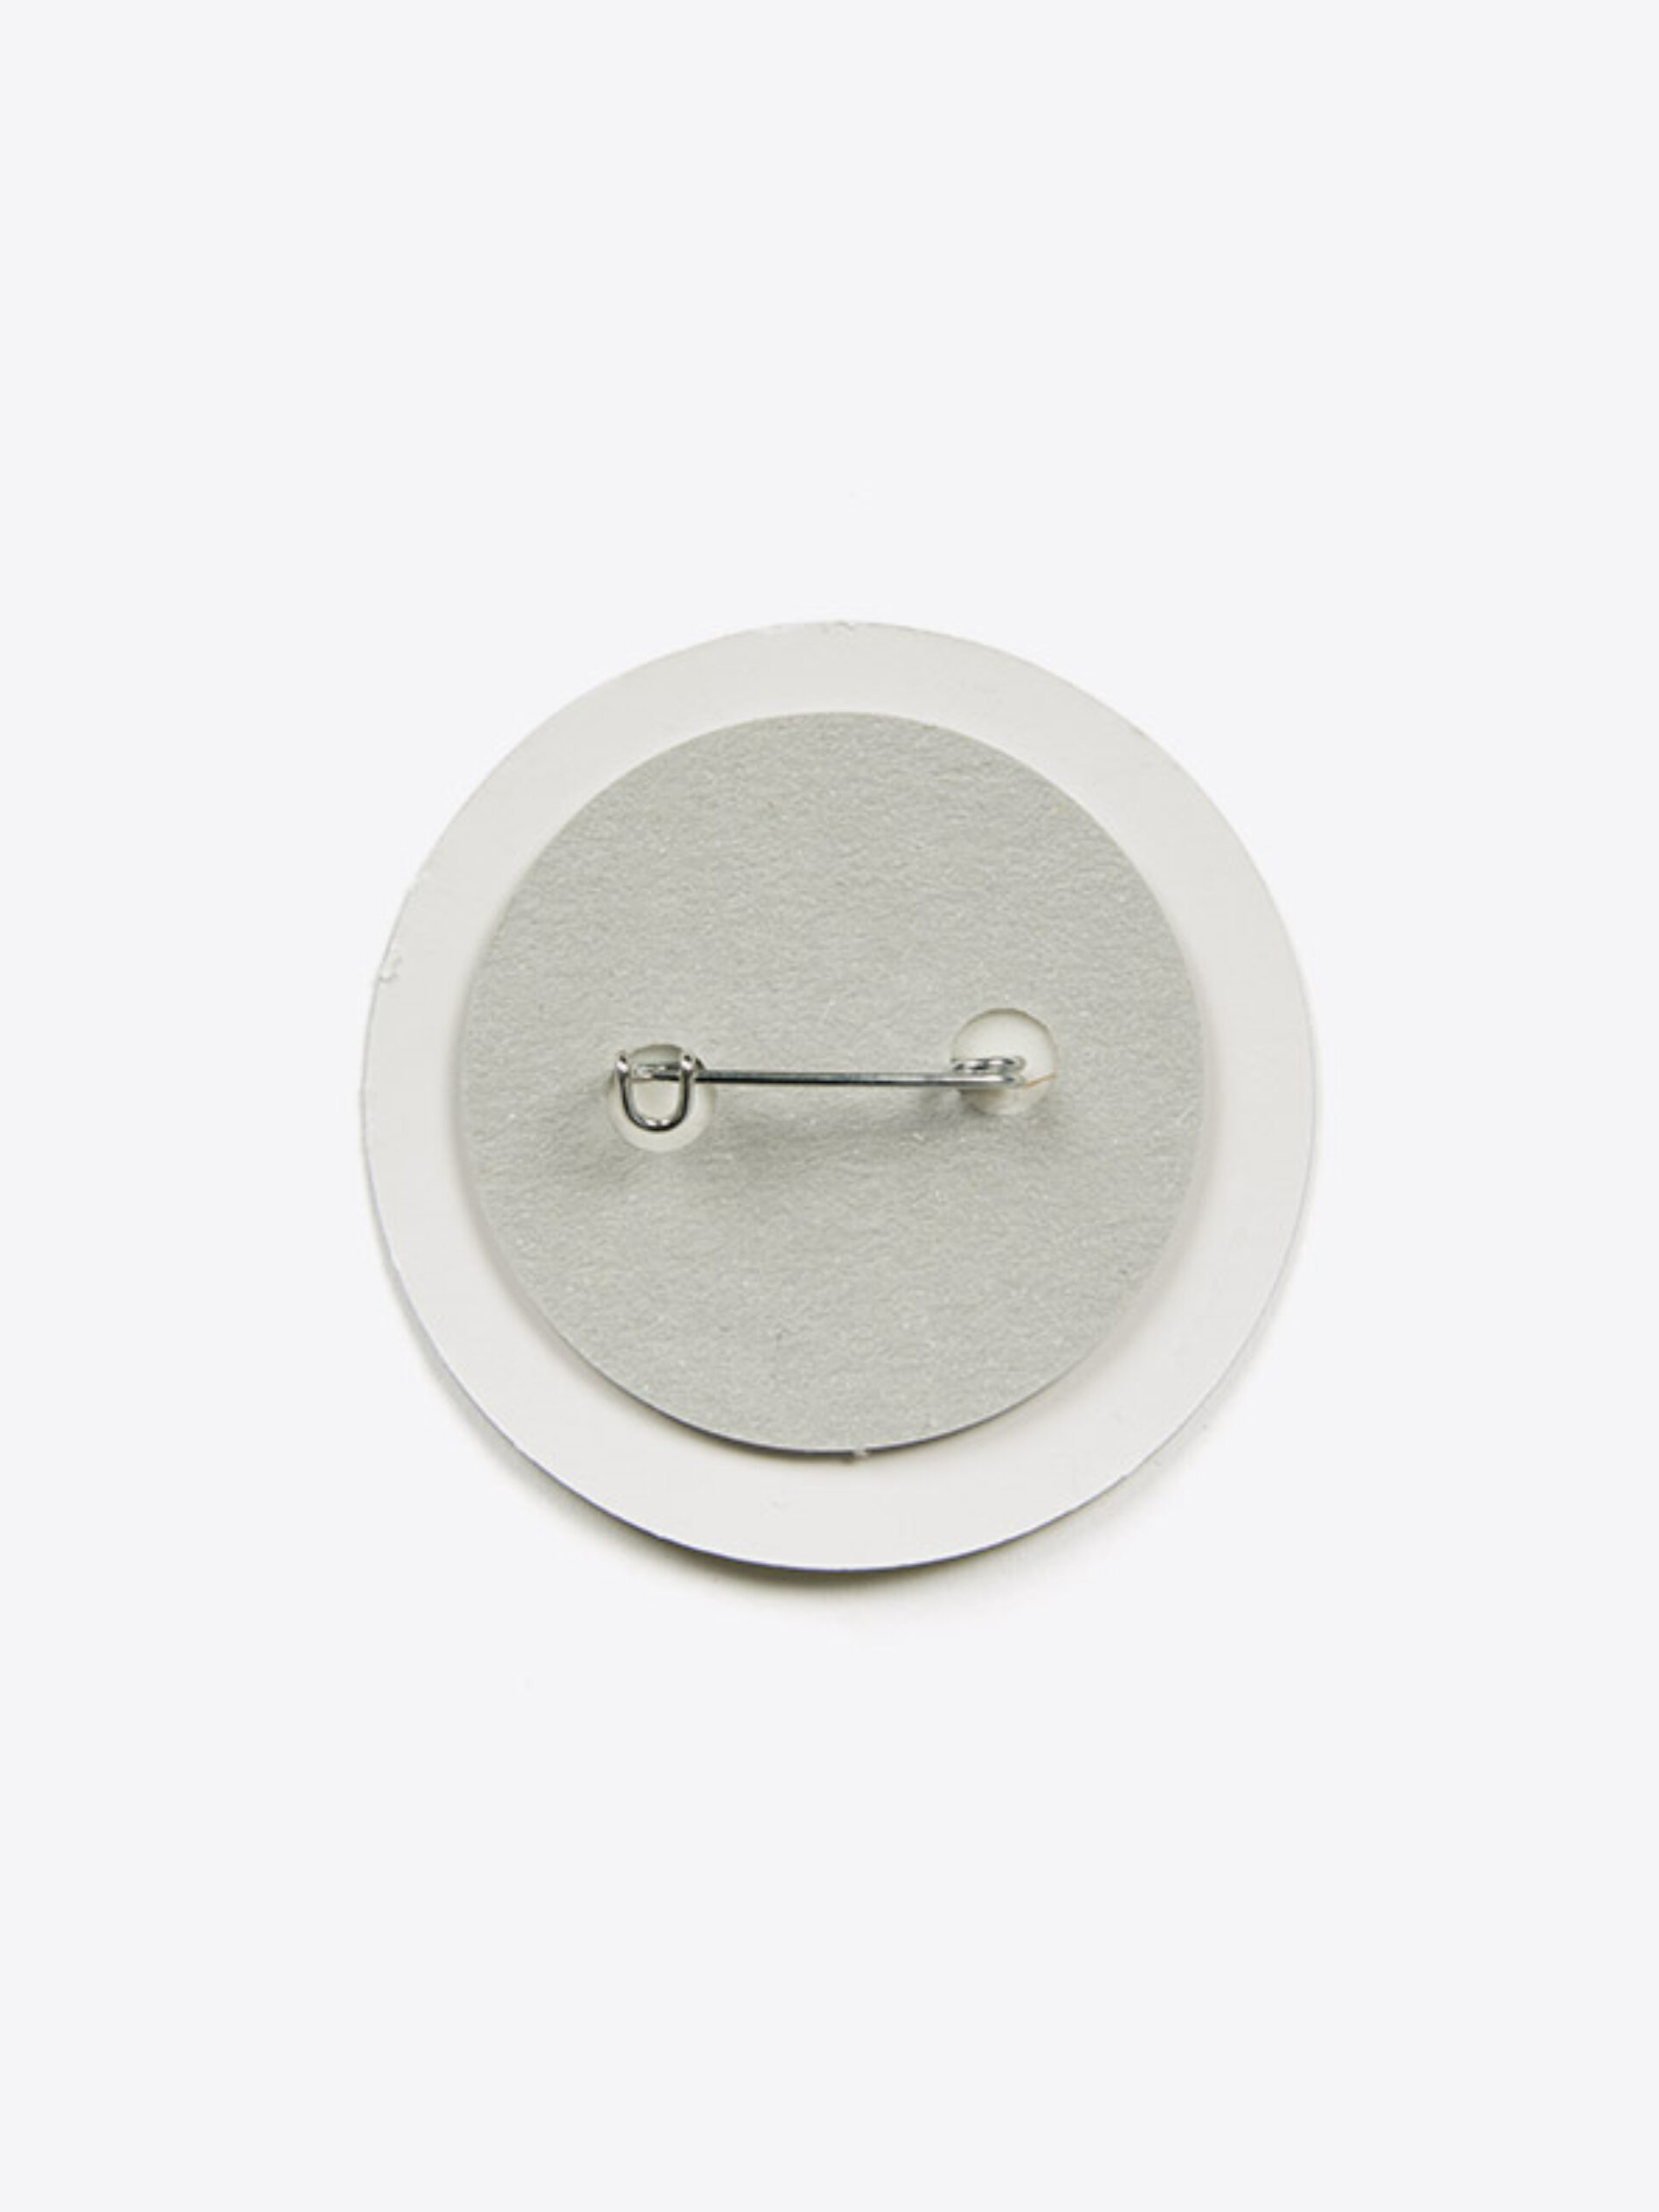 Oeko Button Im Digitaldruck Mit Logo Nachhaltig